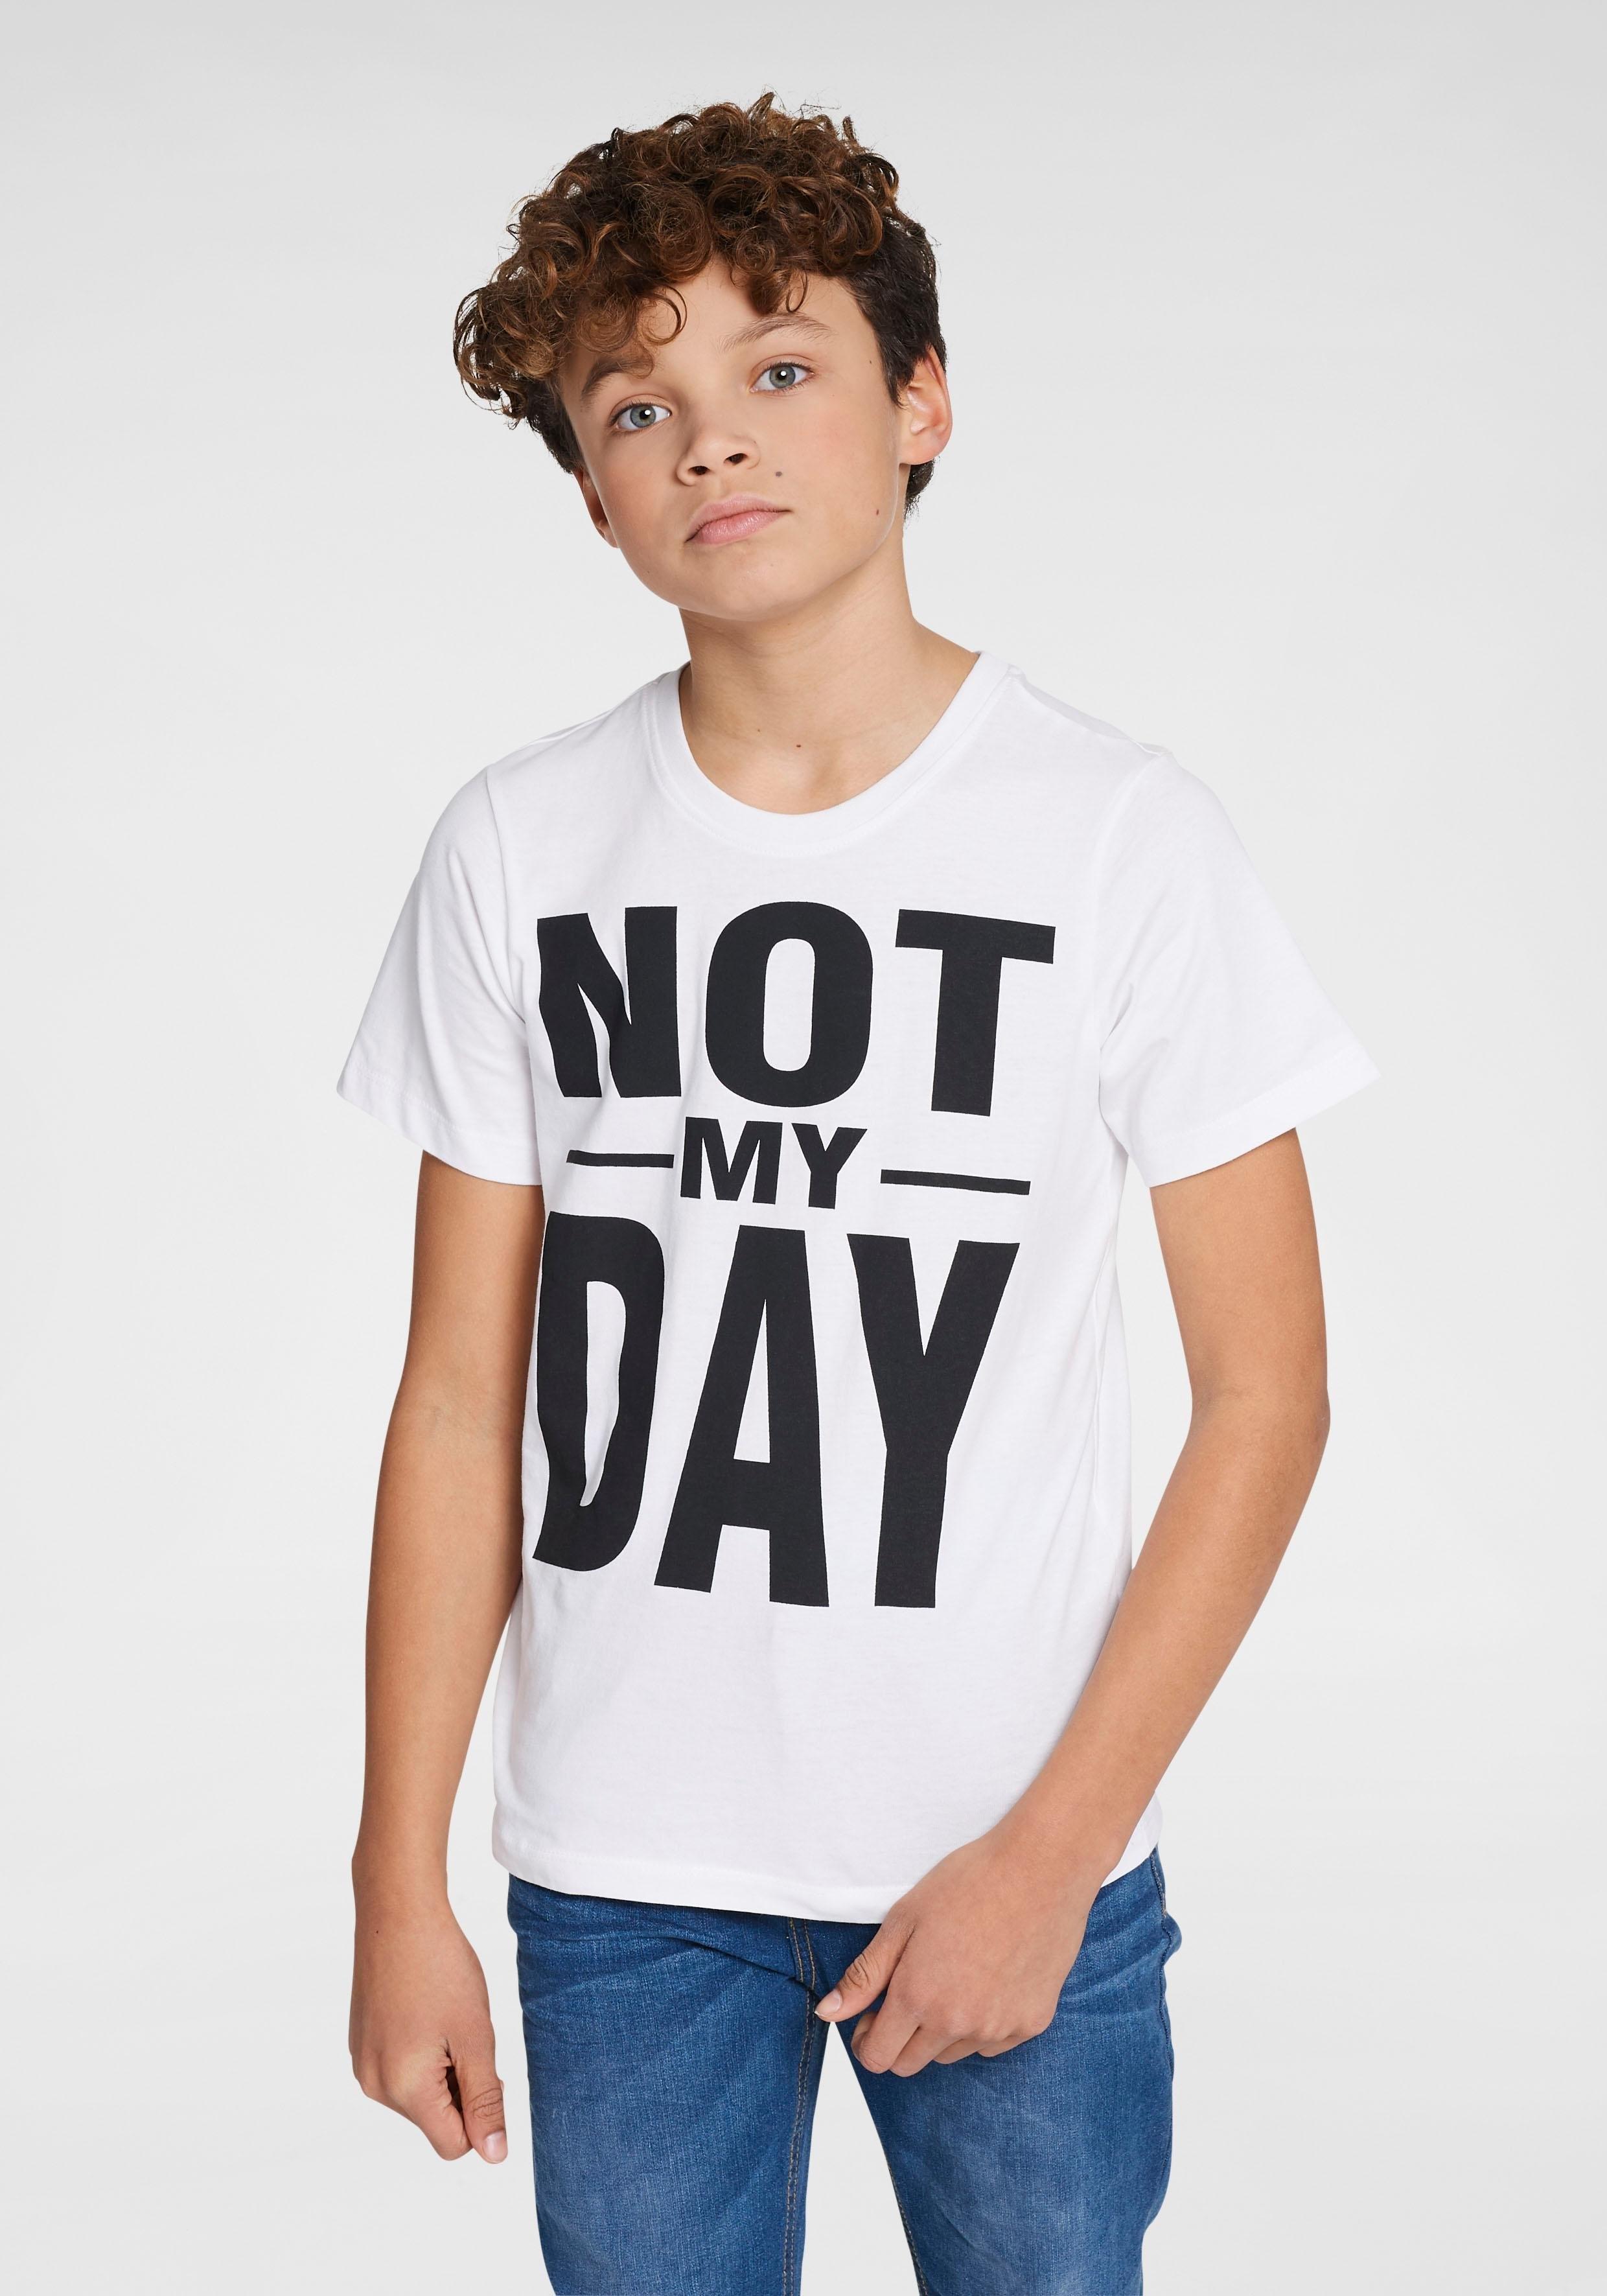 ARIZONA T-shirt voordelig en veilig online kopen